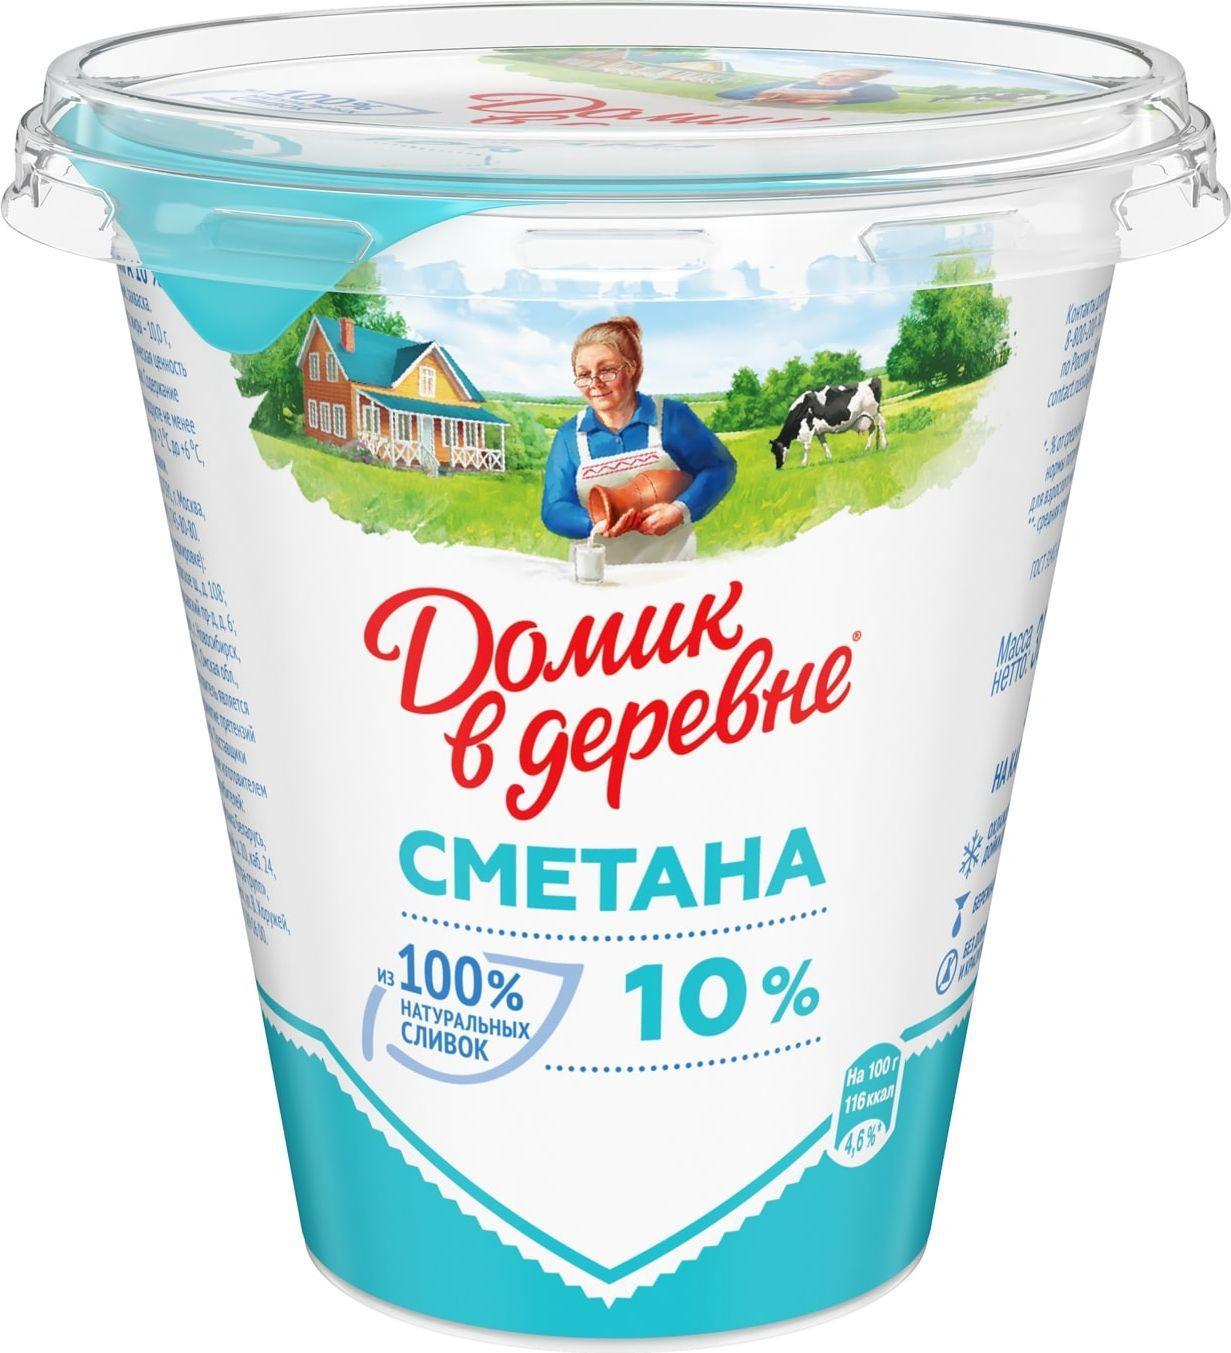 Фото - Сметана 10% Домик в деревне, 300 г молочные продукты